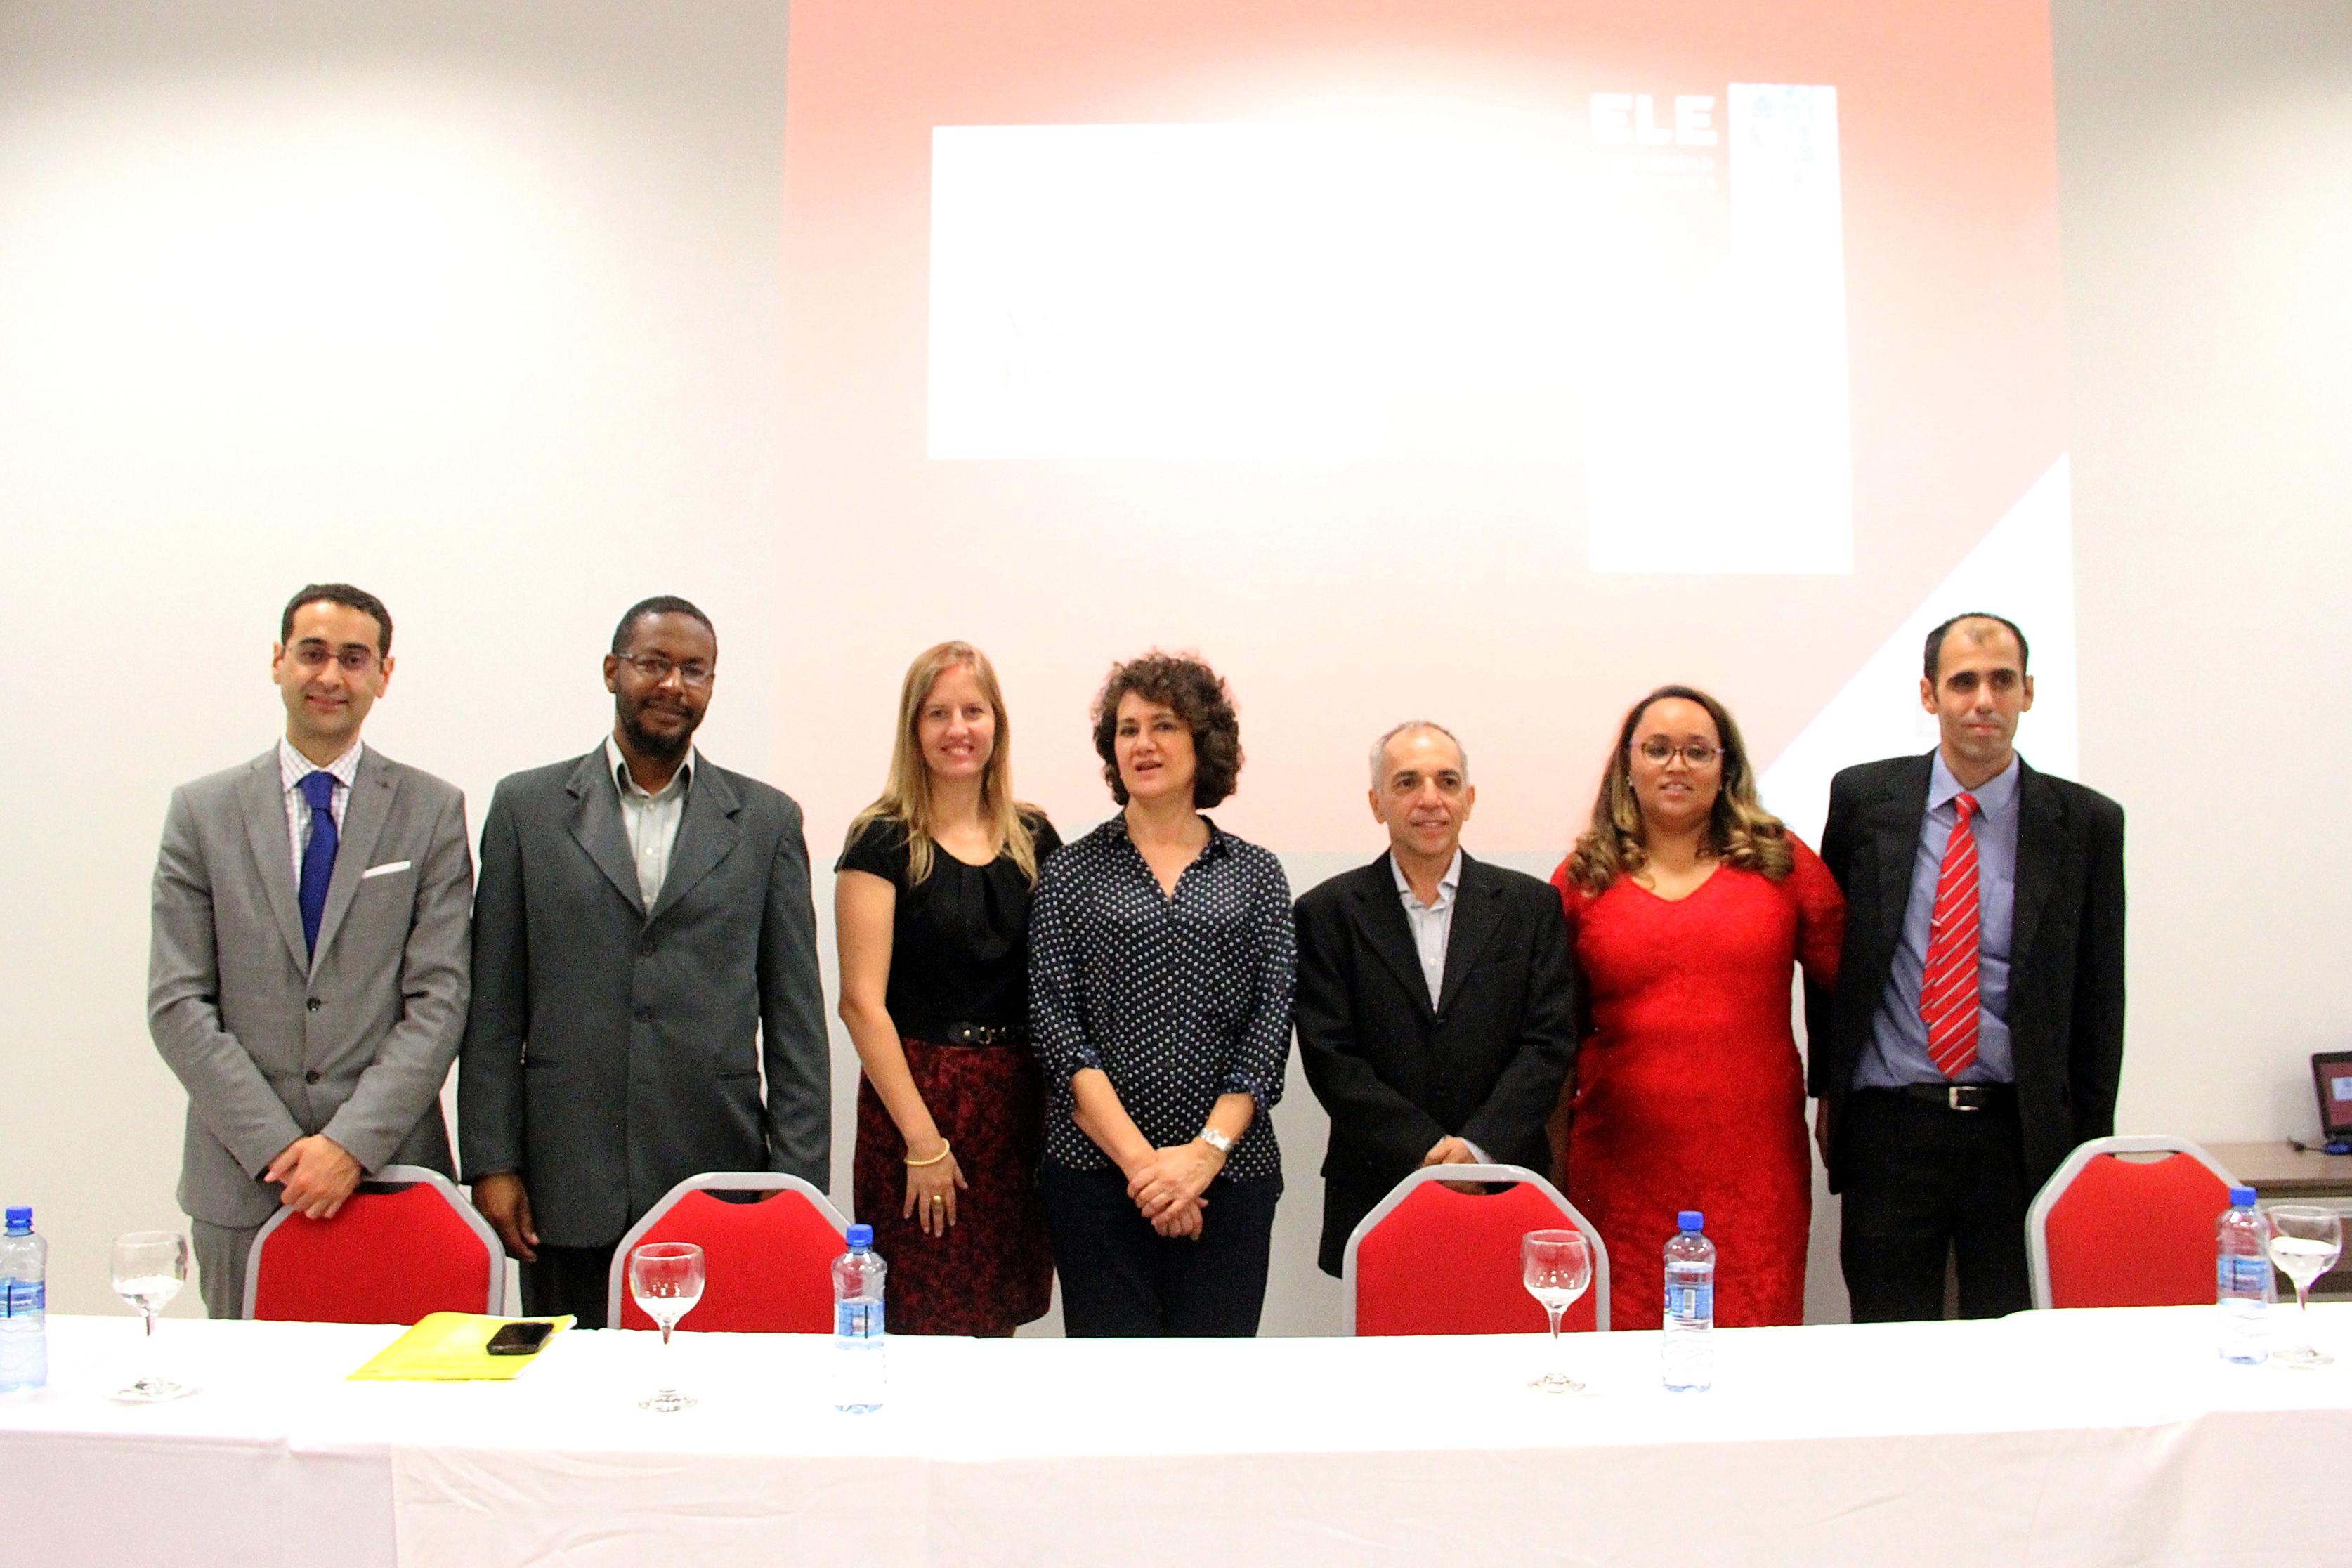 La vicerrectora de Internacionalización inaugura la Escuela de Lengua Española de la Universidad de Salamanca en Cuiabá